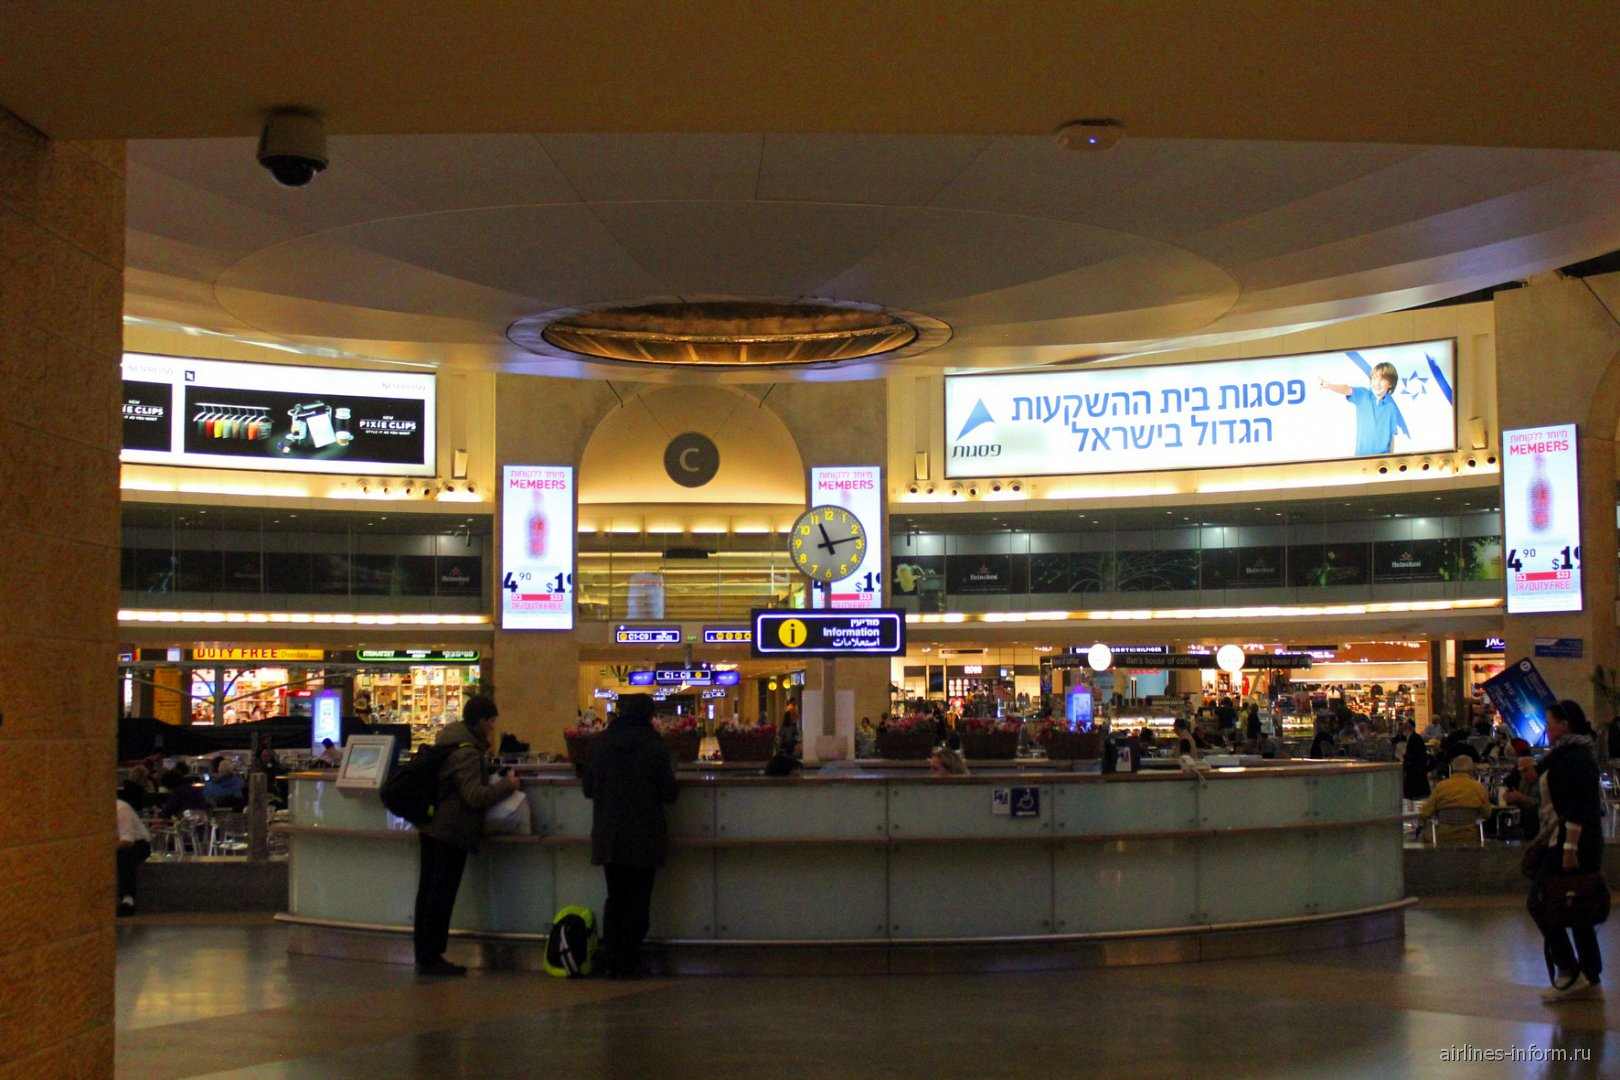 Стойки информации в чистой зоне аэропорта Тель-Авив Бен Гурион